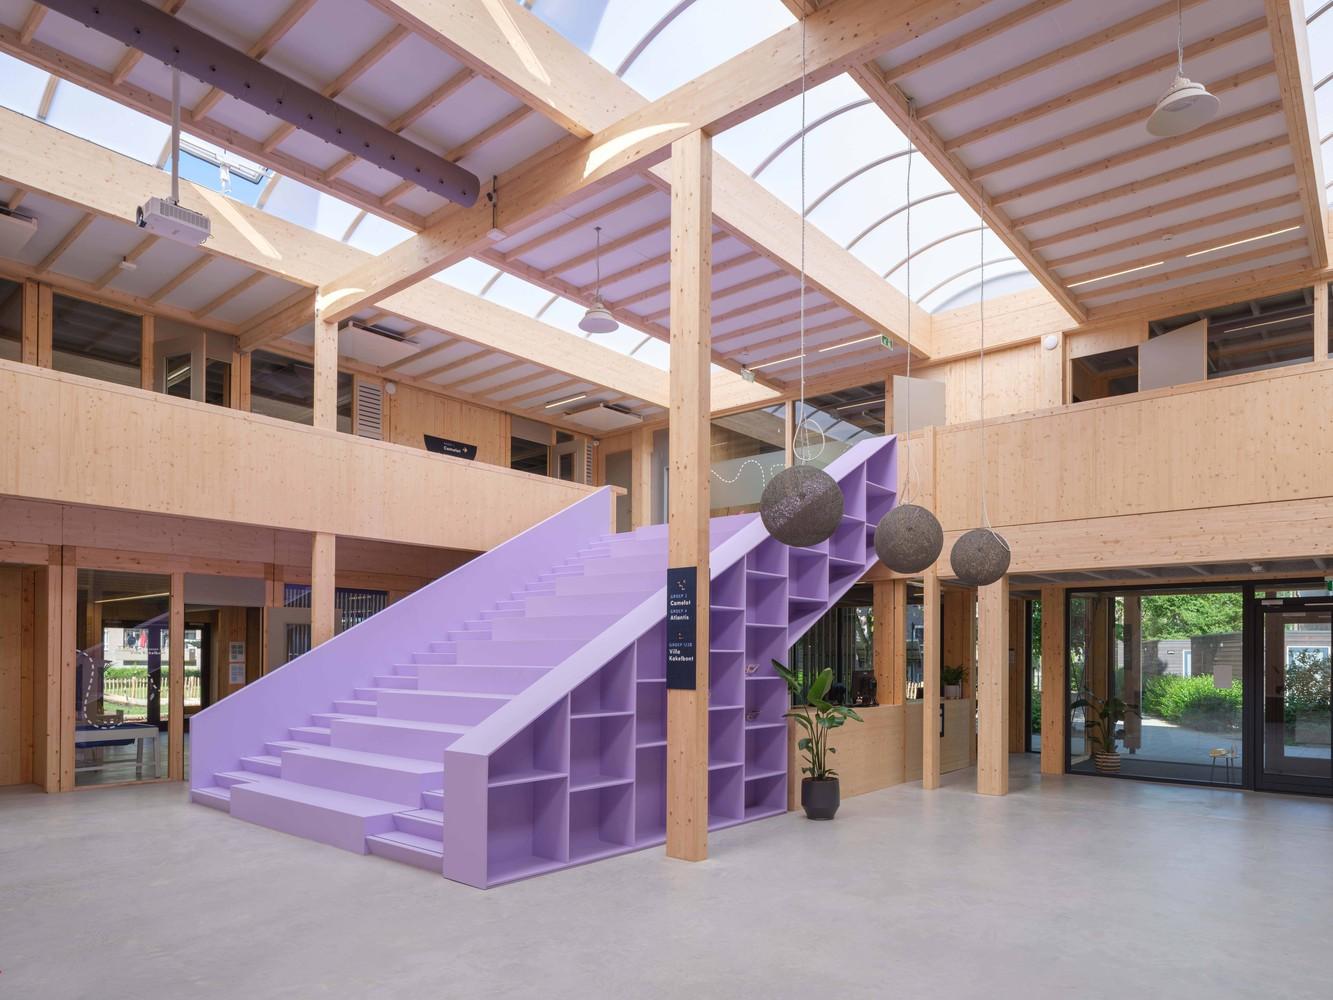 Các xu hướng kiến trúc mới mẻ và nổi bật trên thế giới - Ảnh 4.